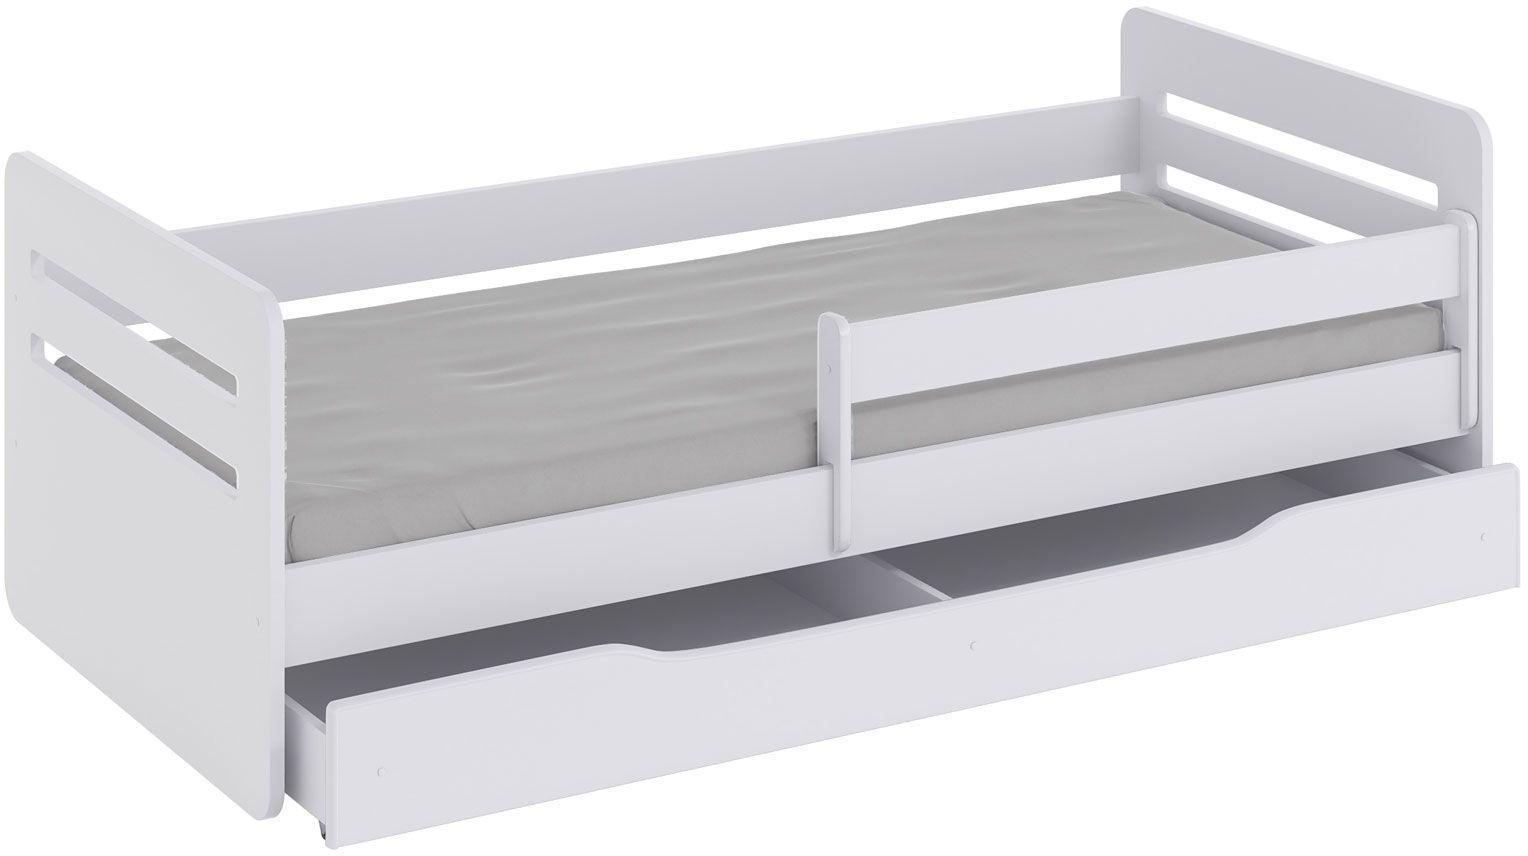 Łóżko dziecięce z barierką Candy 2X 80x160 - białe